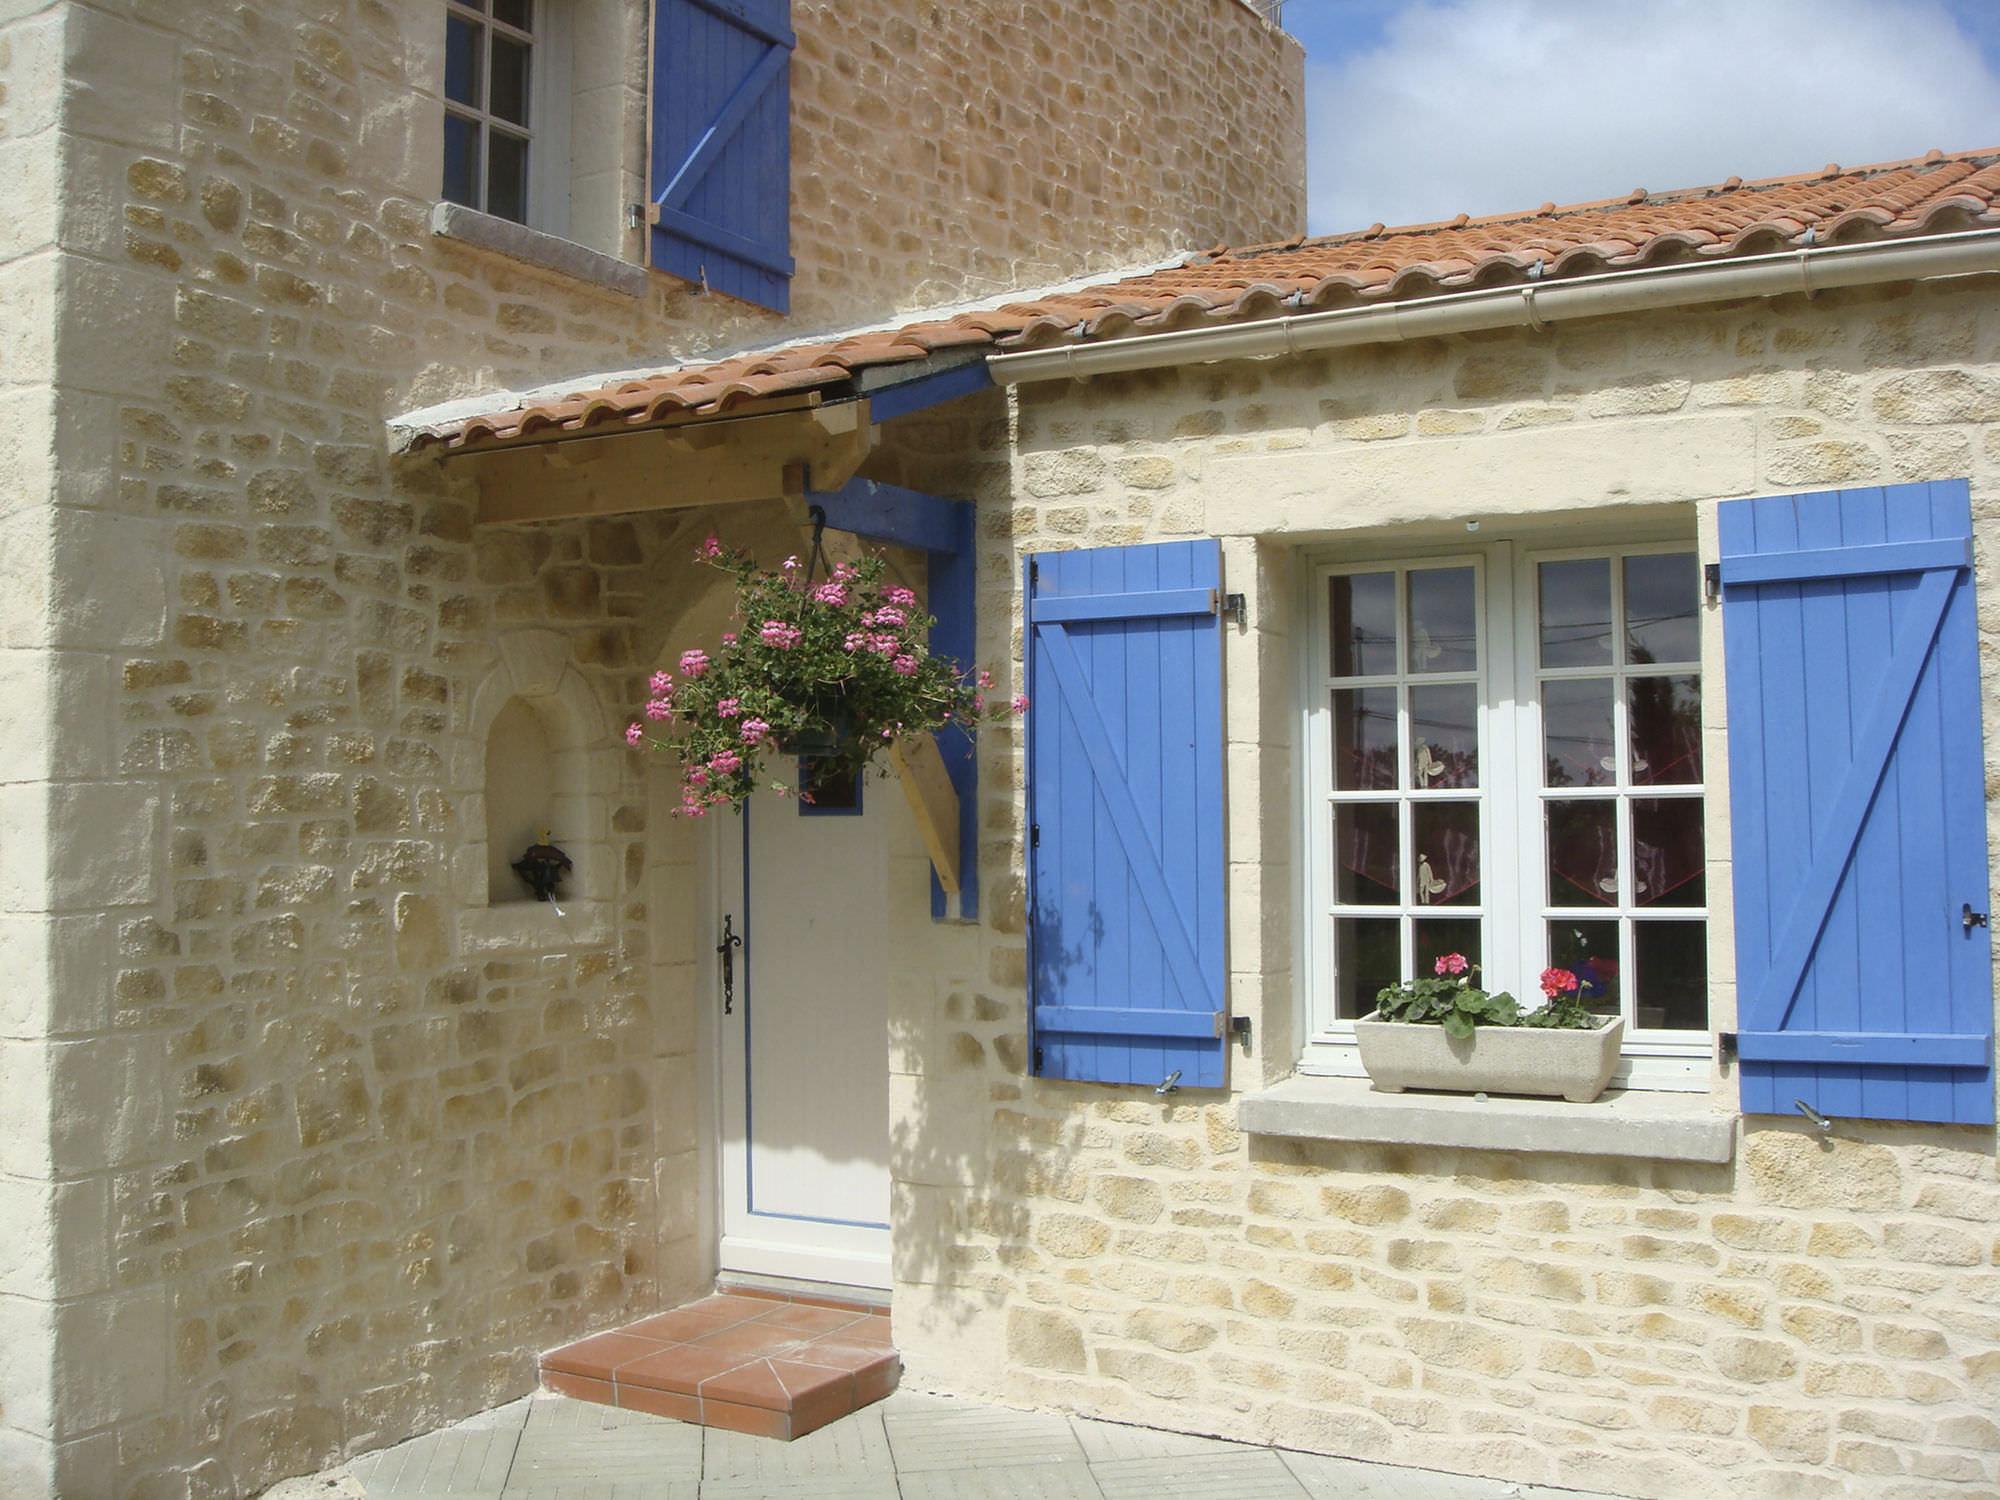 Rivestimento Esterno Casa : Intonaco decorativo di rivestimento da esterno per muri